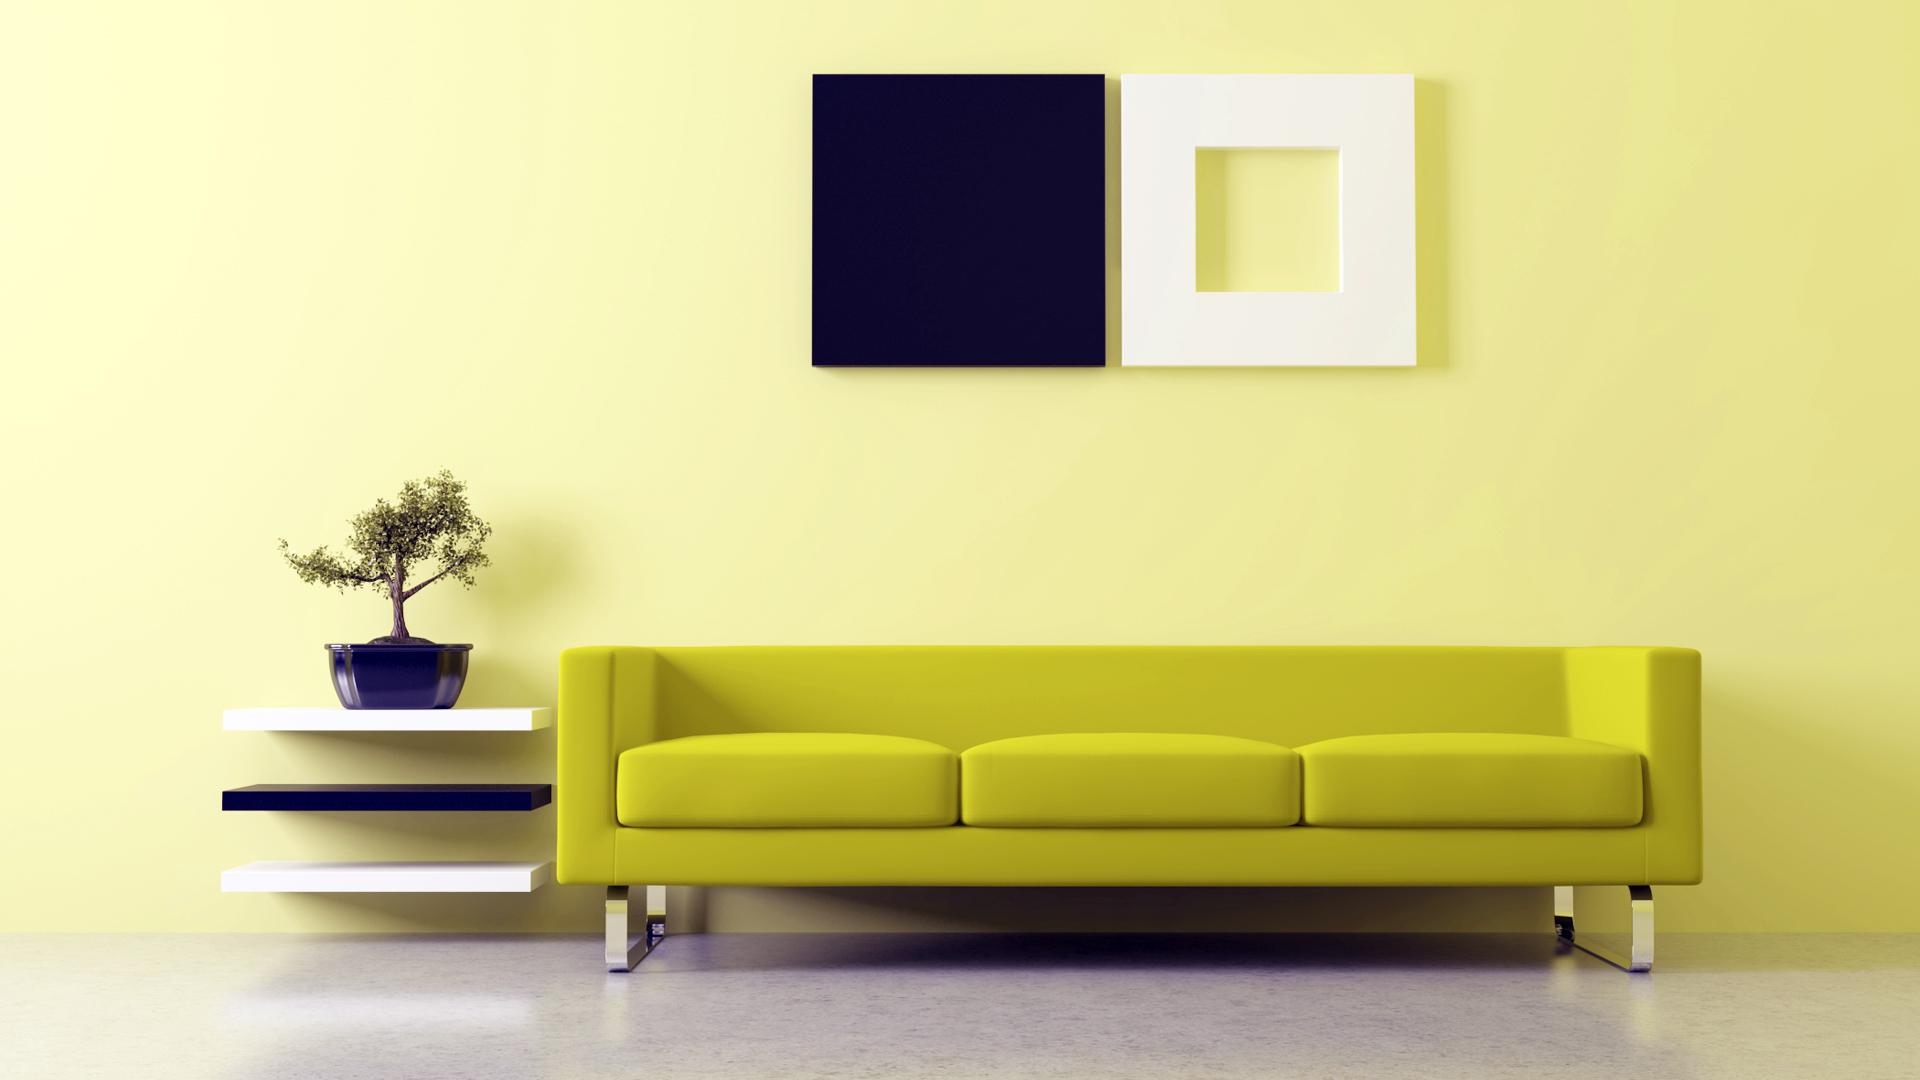 C mo decorar tu casa con cuadros con ayuda del feng shui for Decoracion del hogar con feng shui